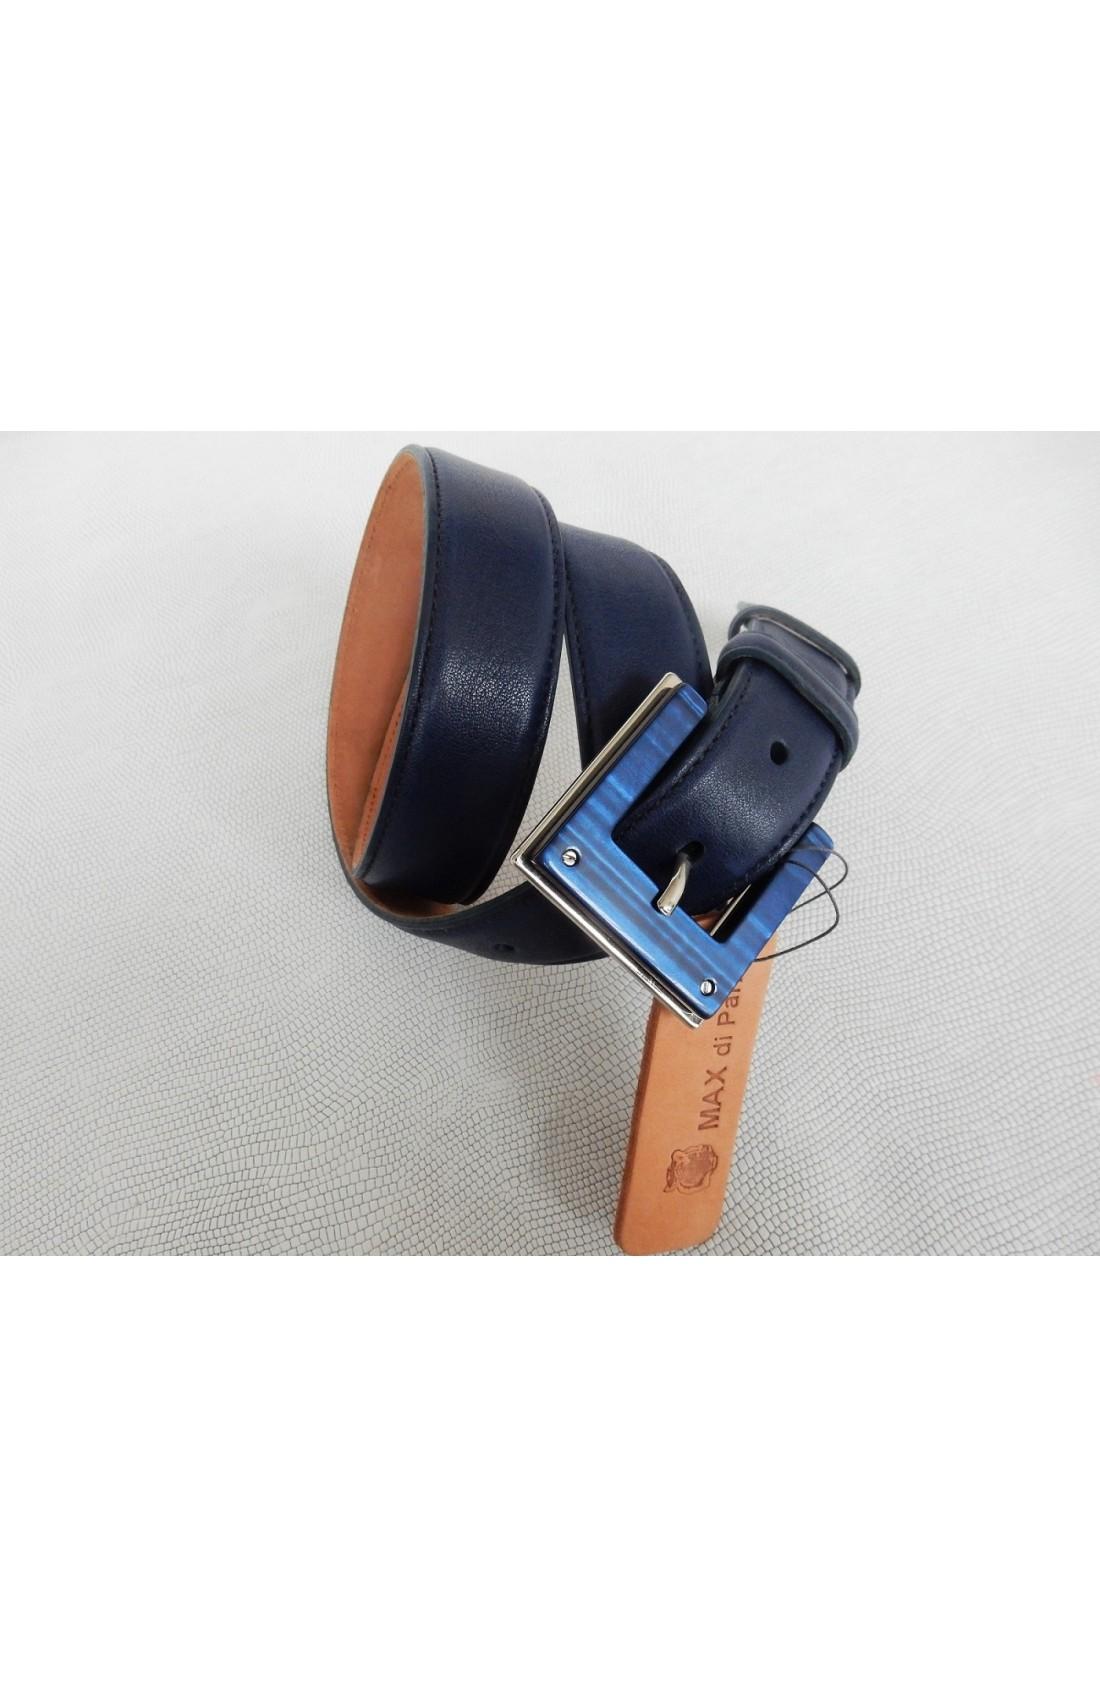 CINTURA DONNA art.484 NAPPA CALF mm.30 var.5 blu se Fibbia Speciale I 128 mm.30 (foto 1) +€. 3 (1)